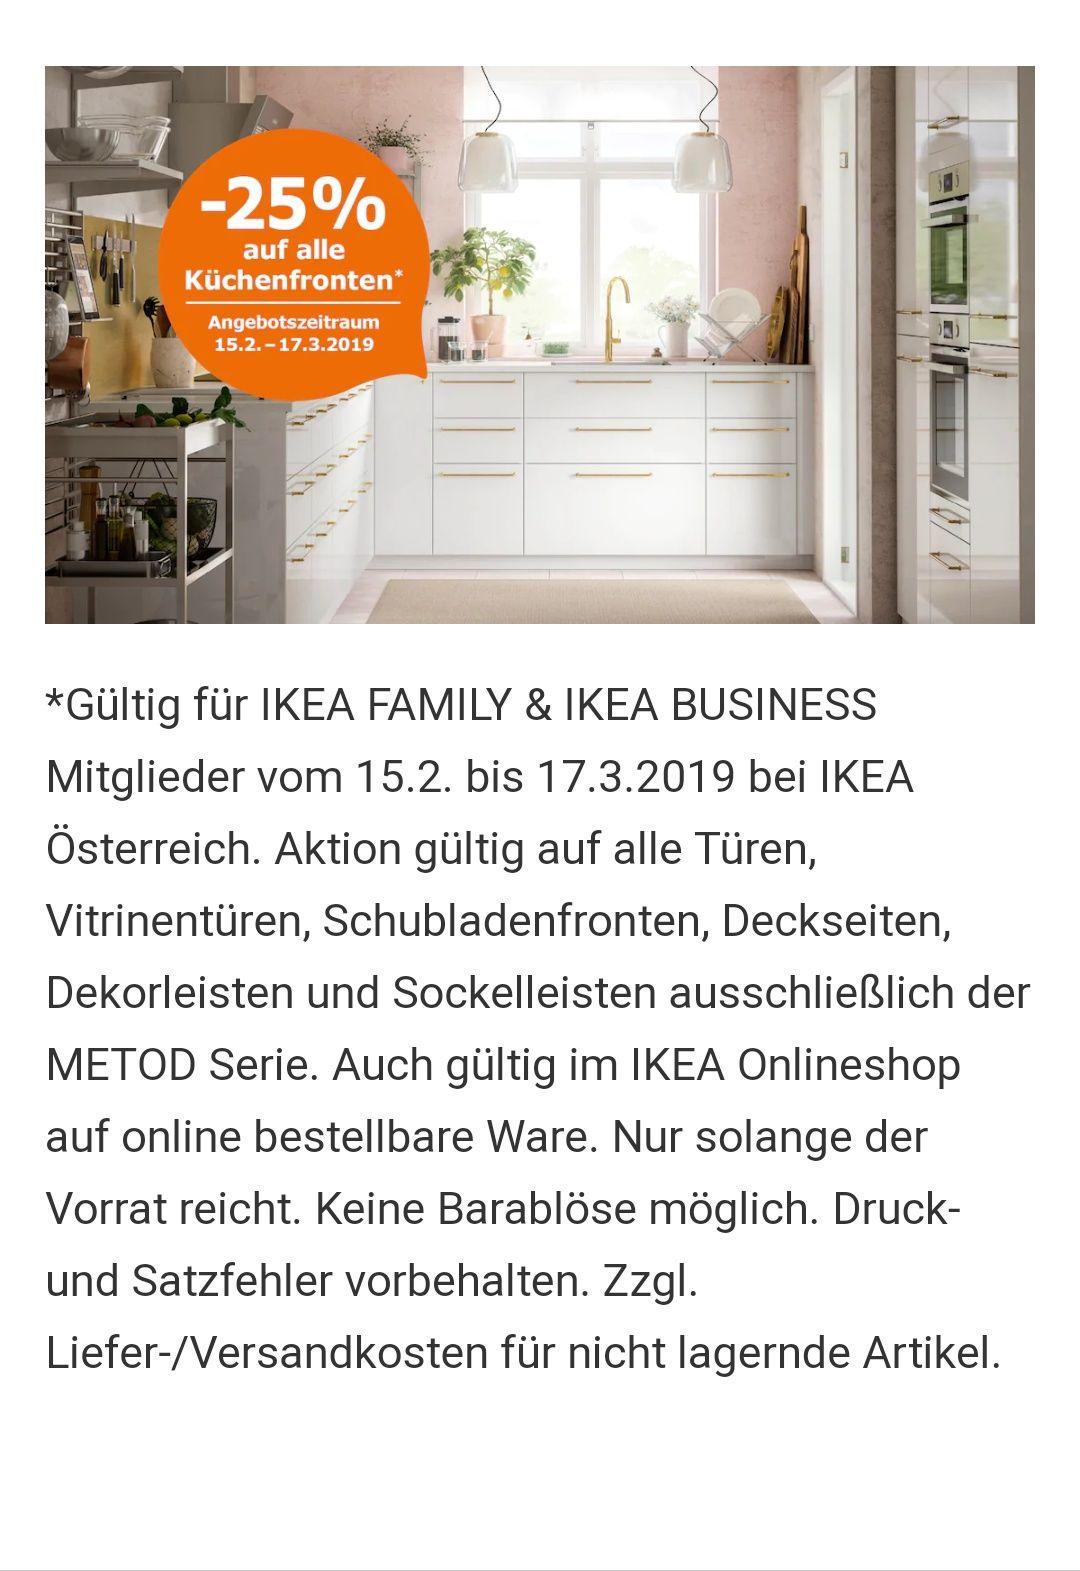 Ikea Küchen Aktion 25 Auf Alle Fronten Preisjäger